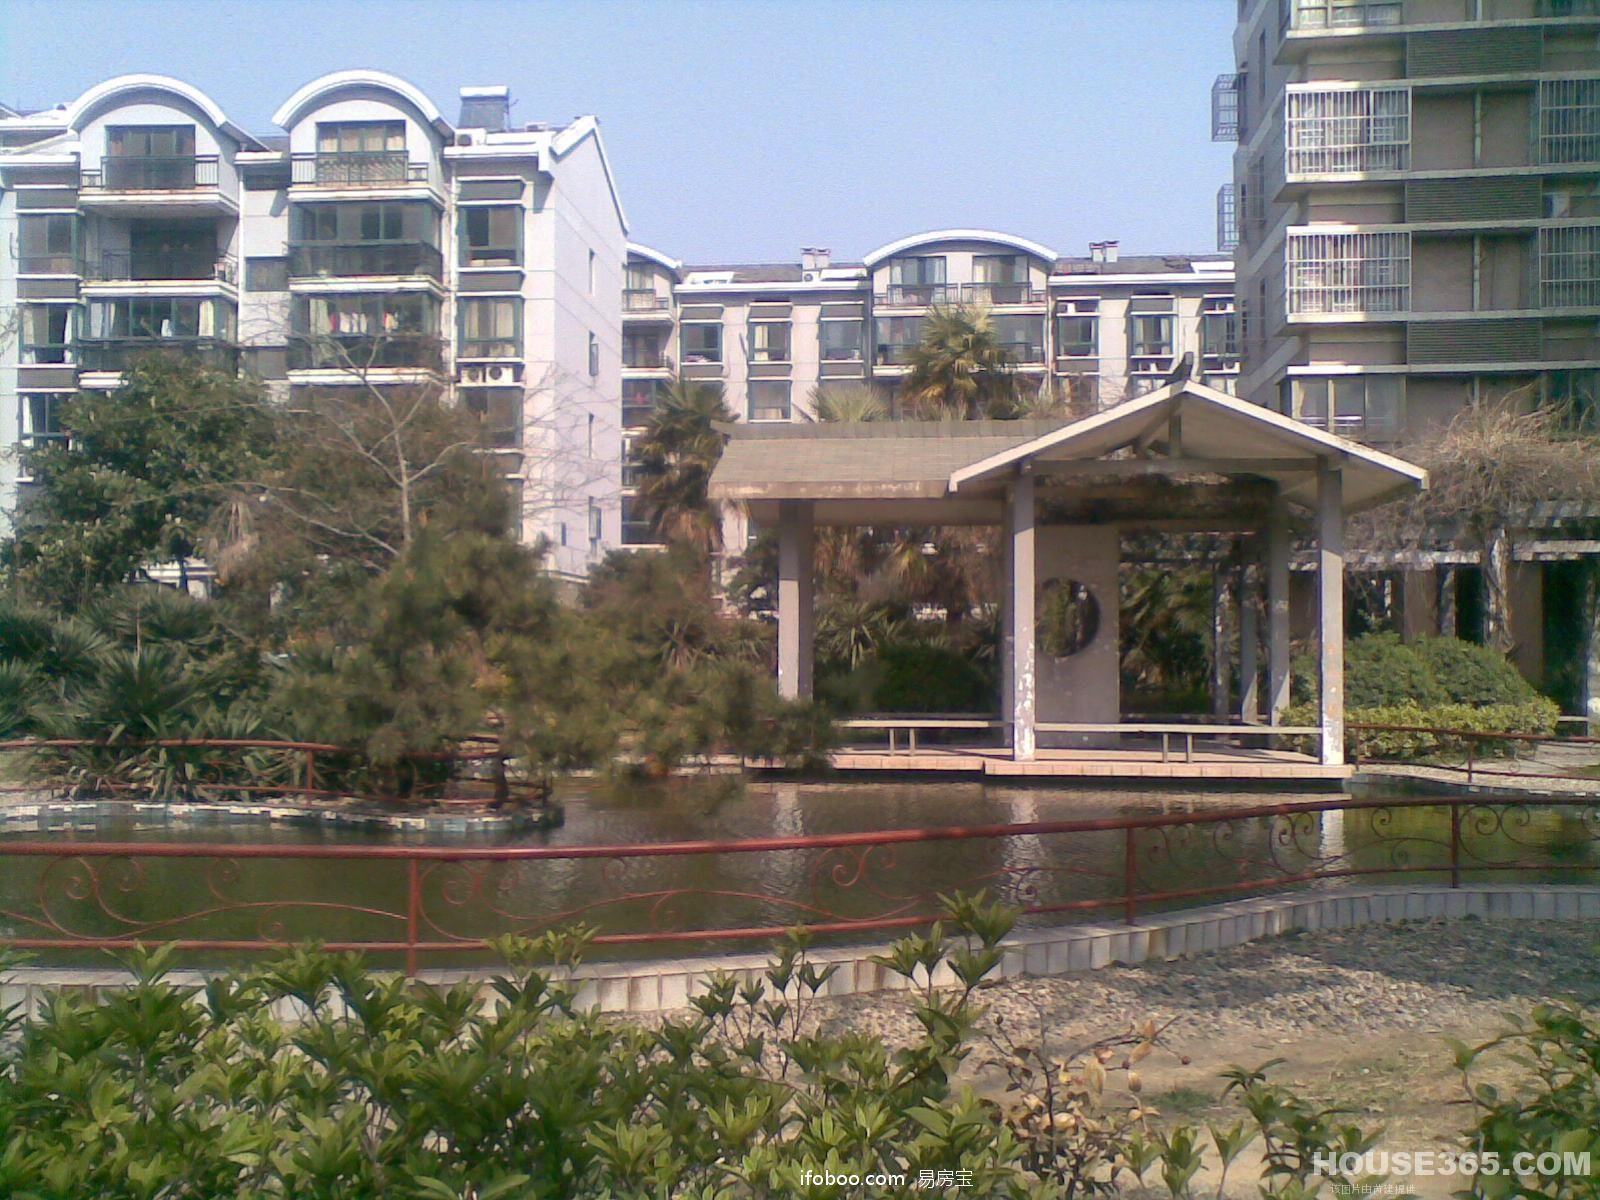 周边信息 幼儿园:南京实验幼儿园,绿茵分园 中小学:迈皋桥中心